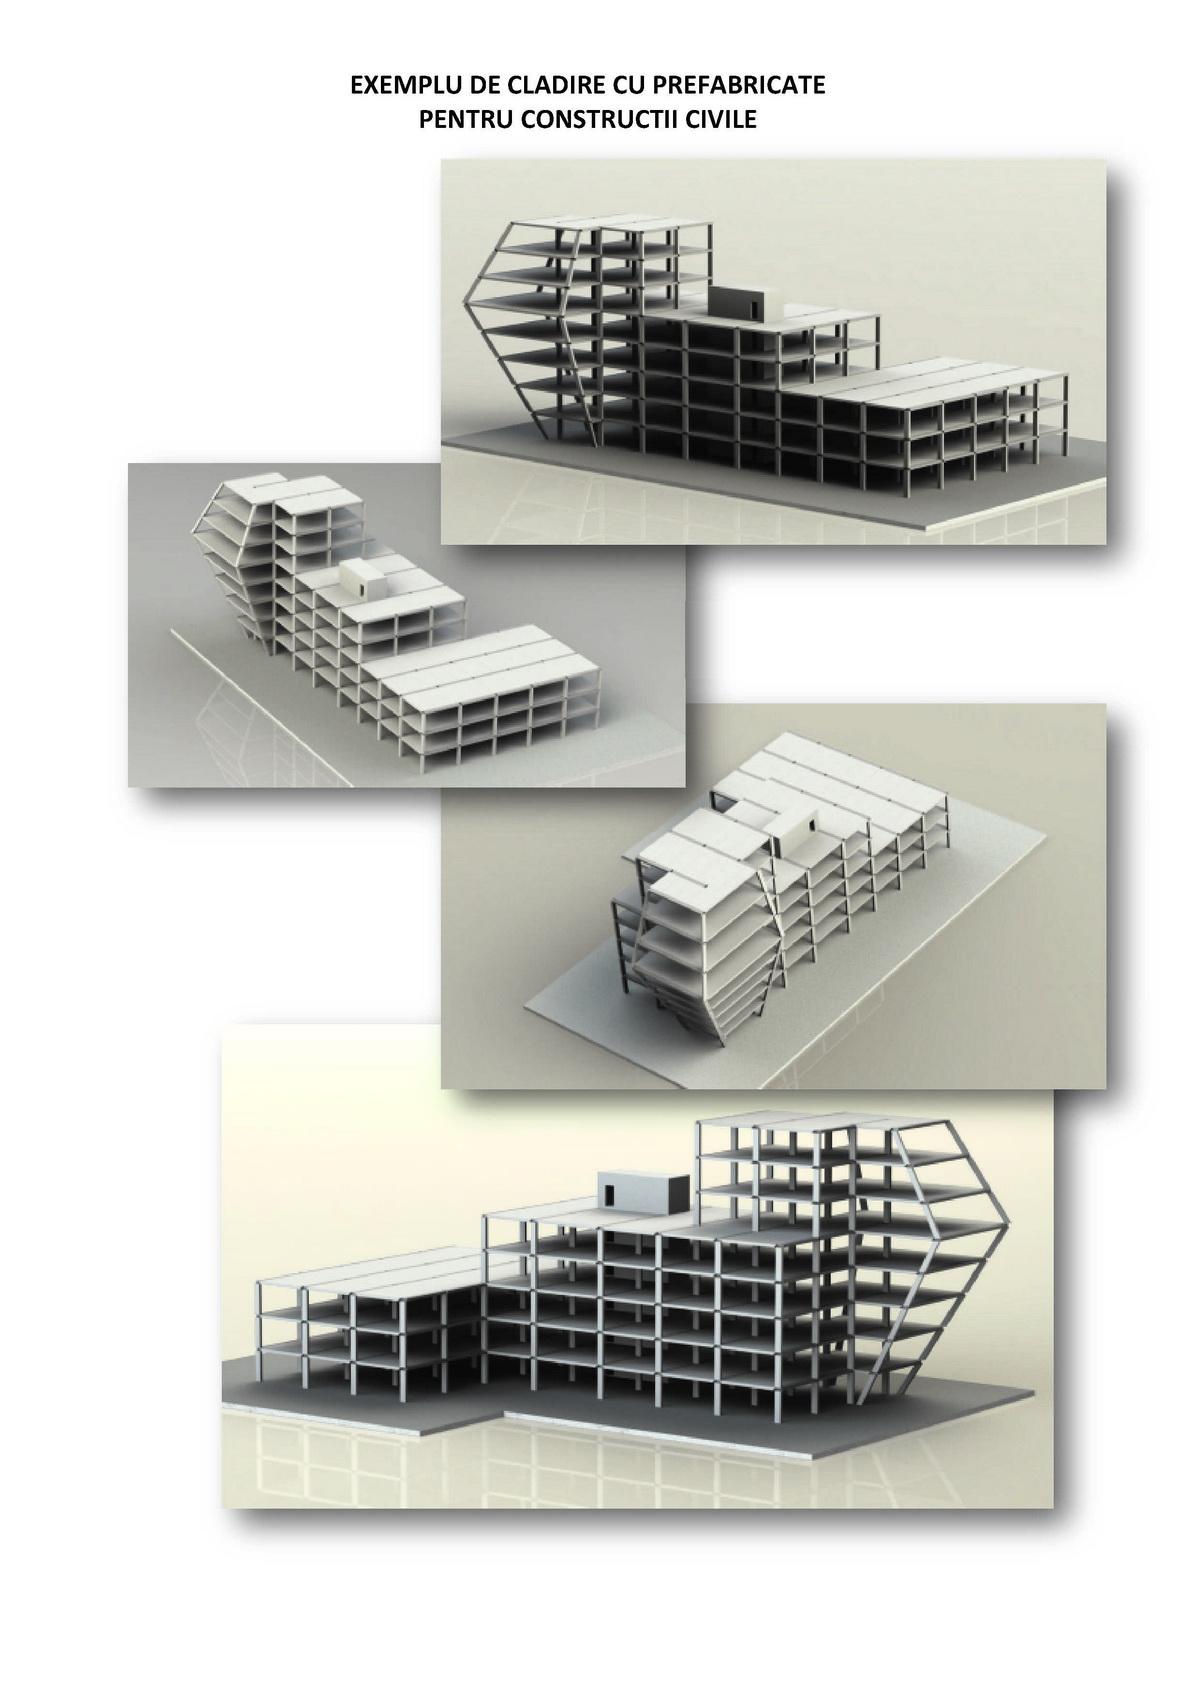 Esempio di edificio prefabbricato per costruzioni civili